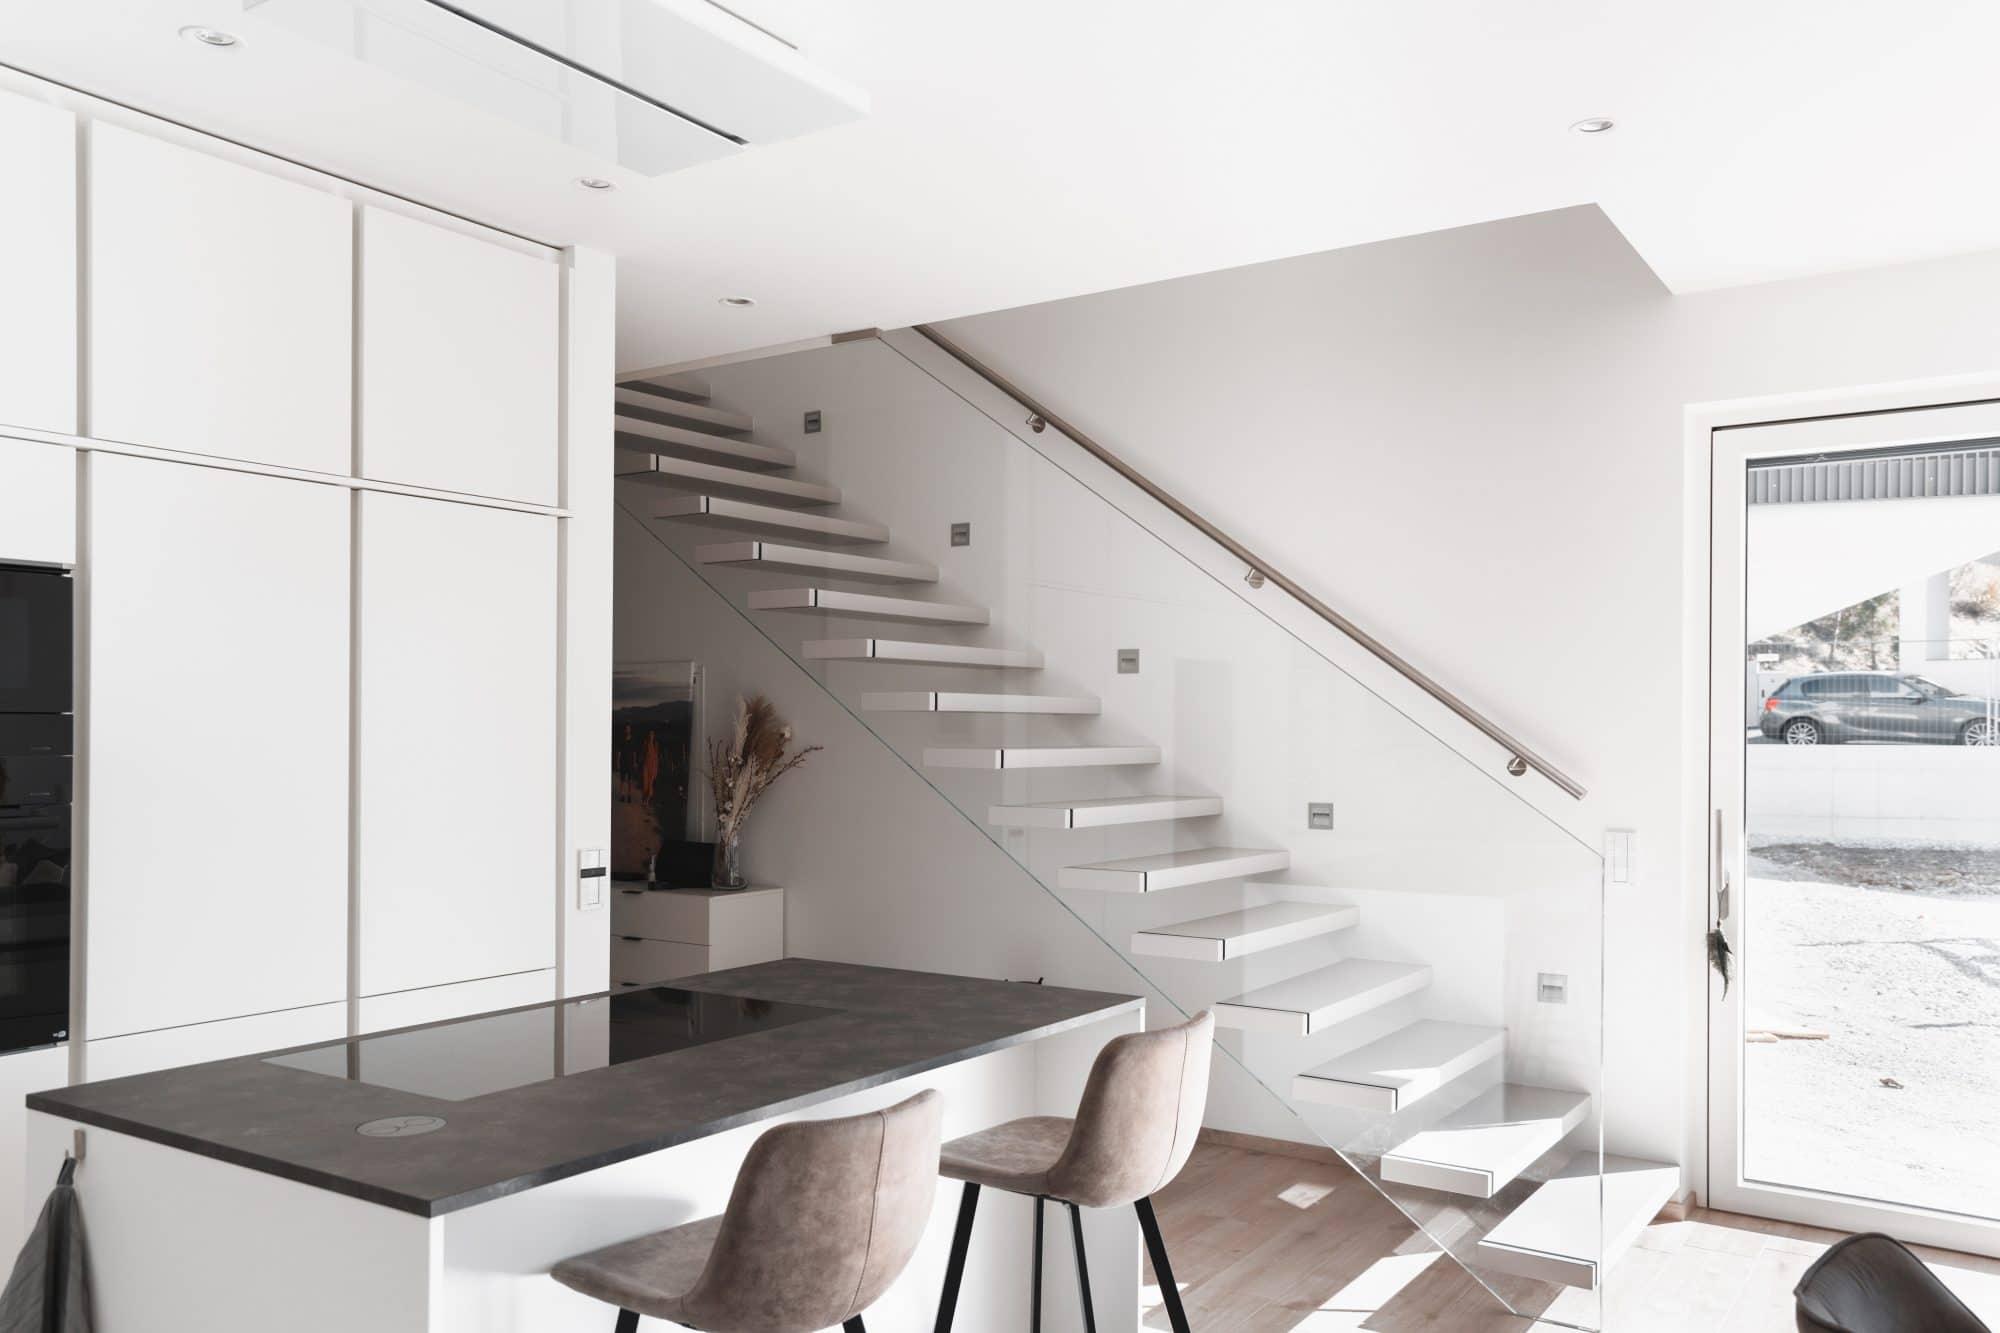 Stiegen und Treppenbau von Stiegen Müller